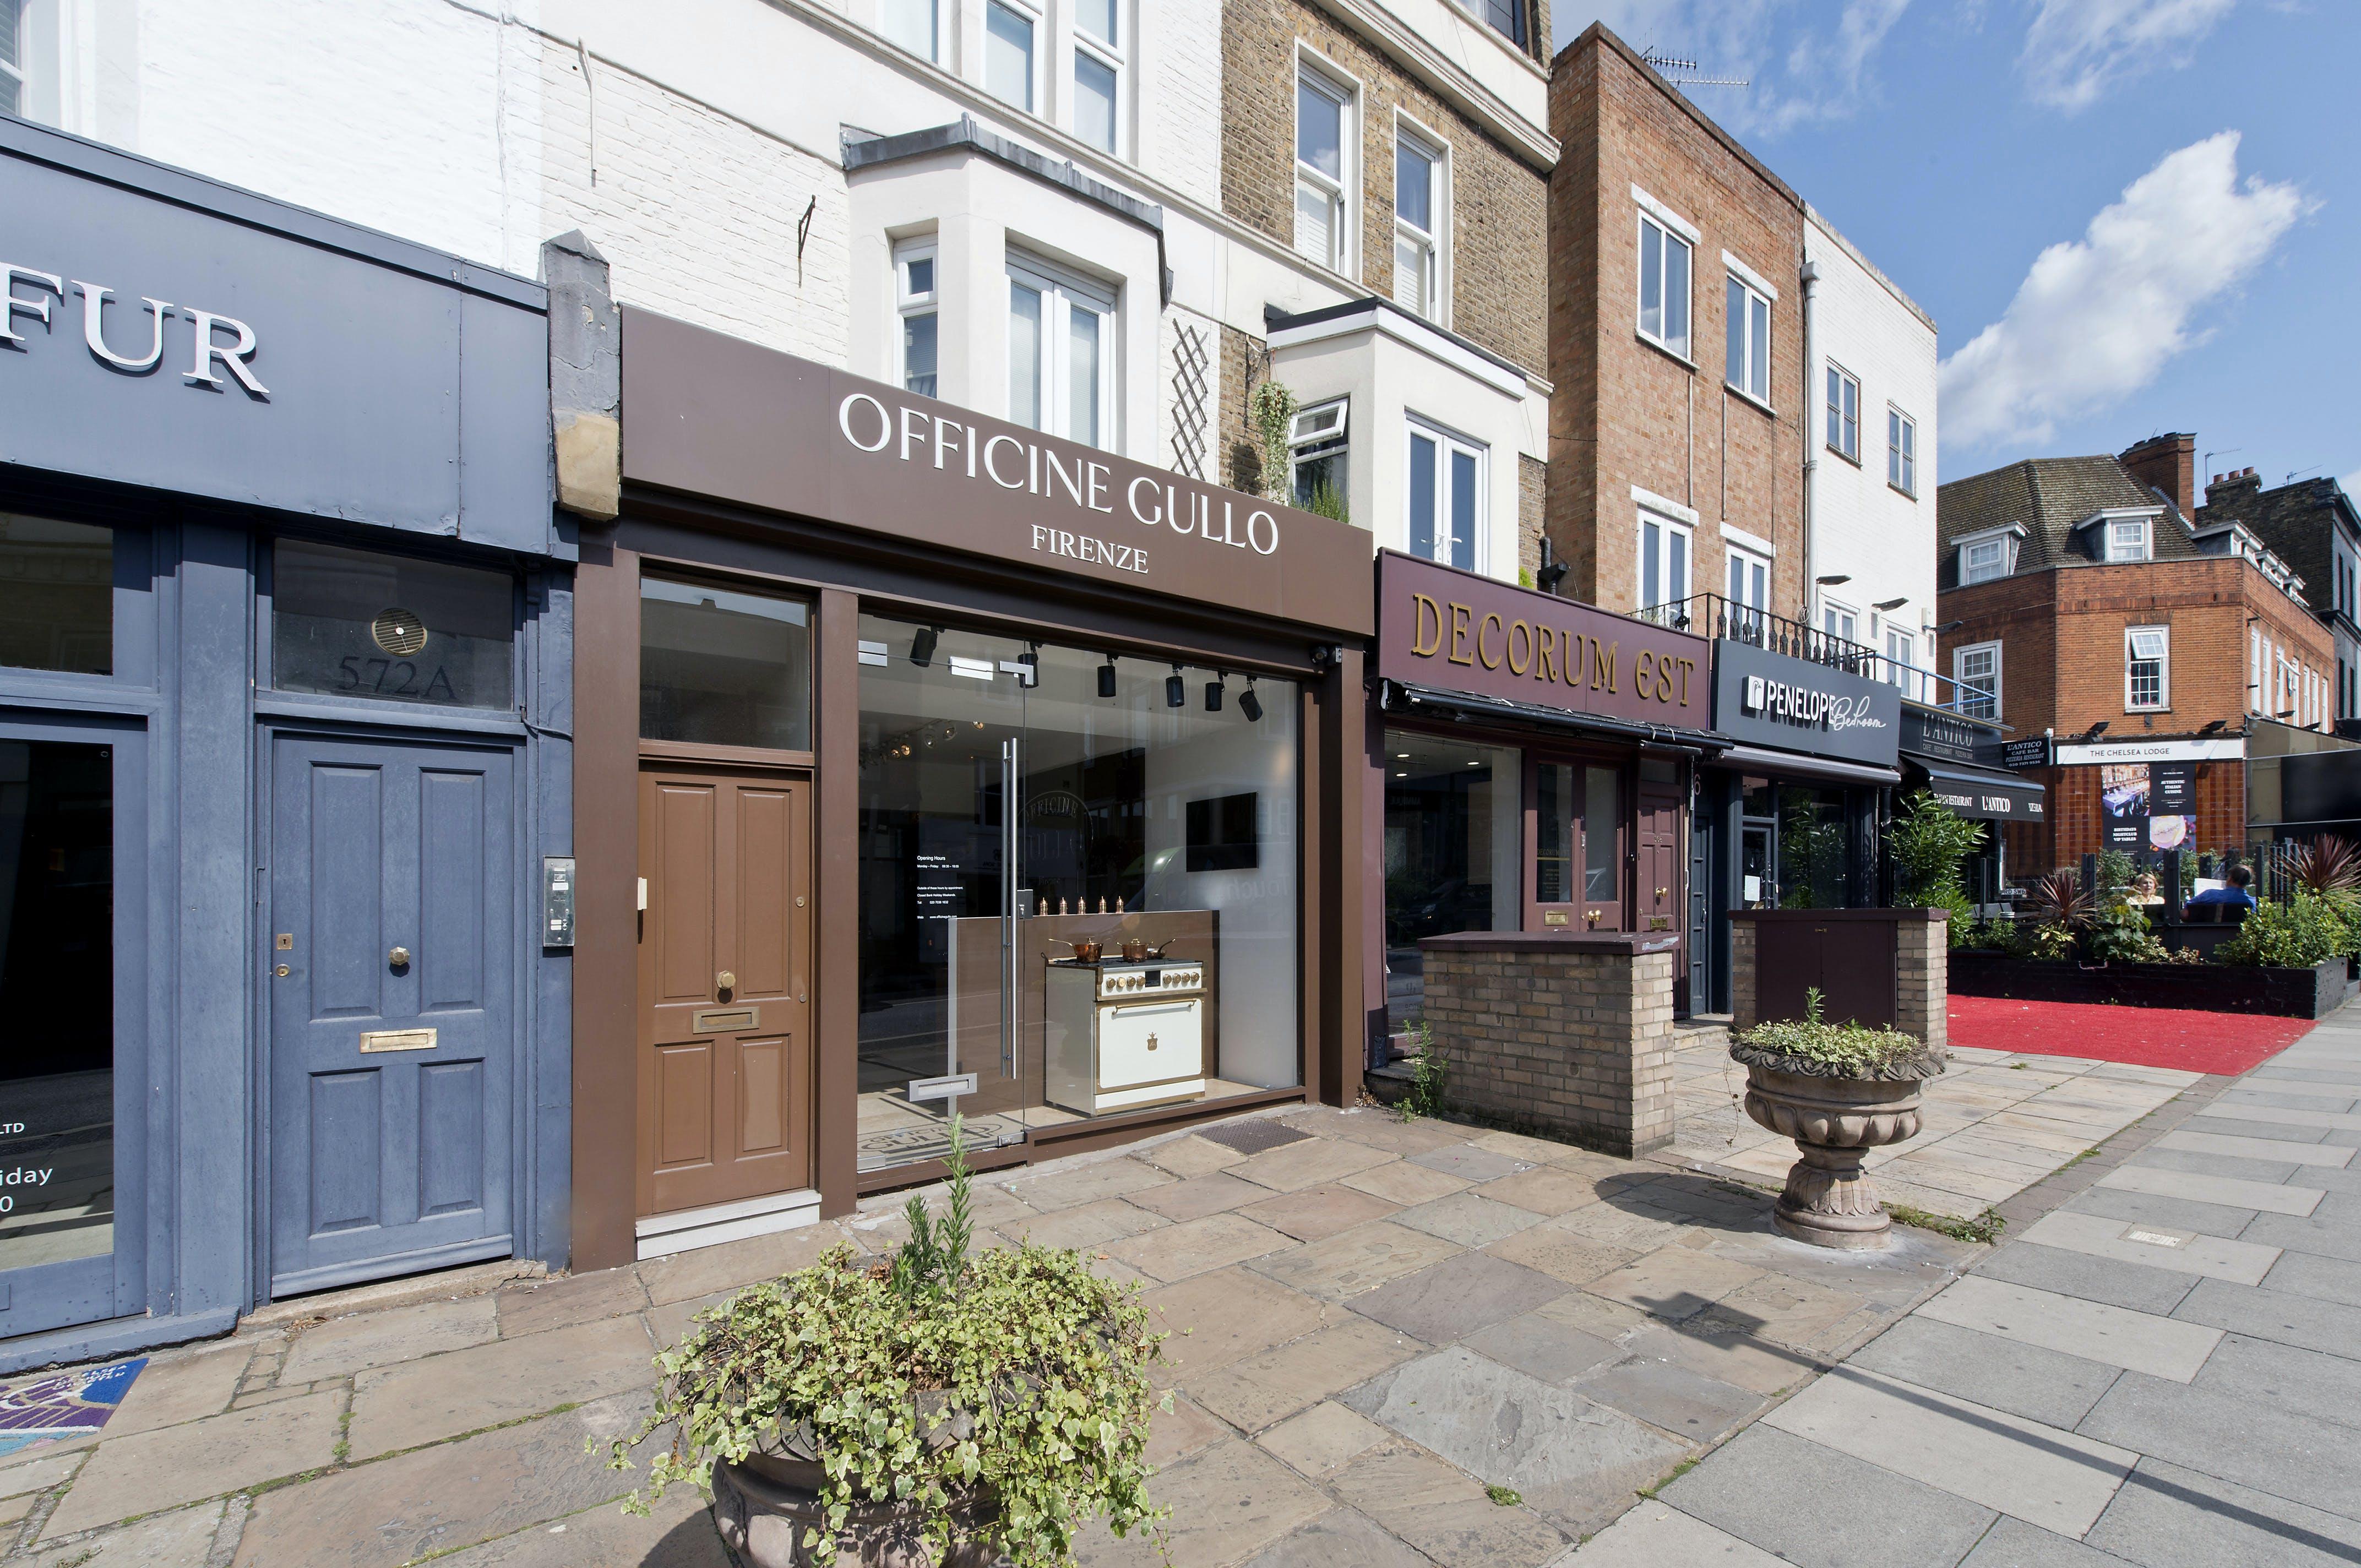 570 Kings Road, Fulham, Sw6, Retail To Let - 570 kings rd-1276.jpg